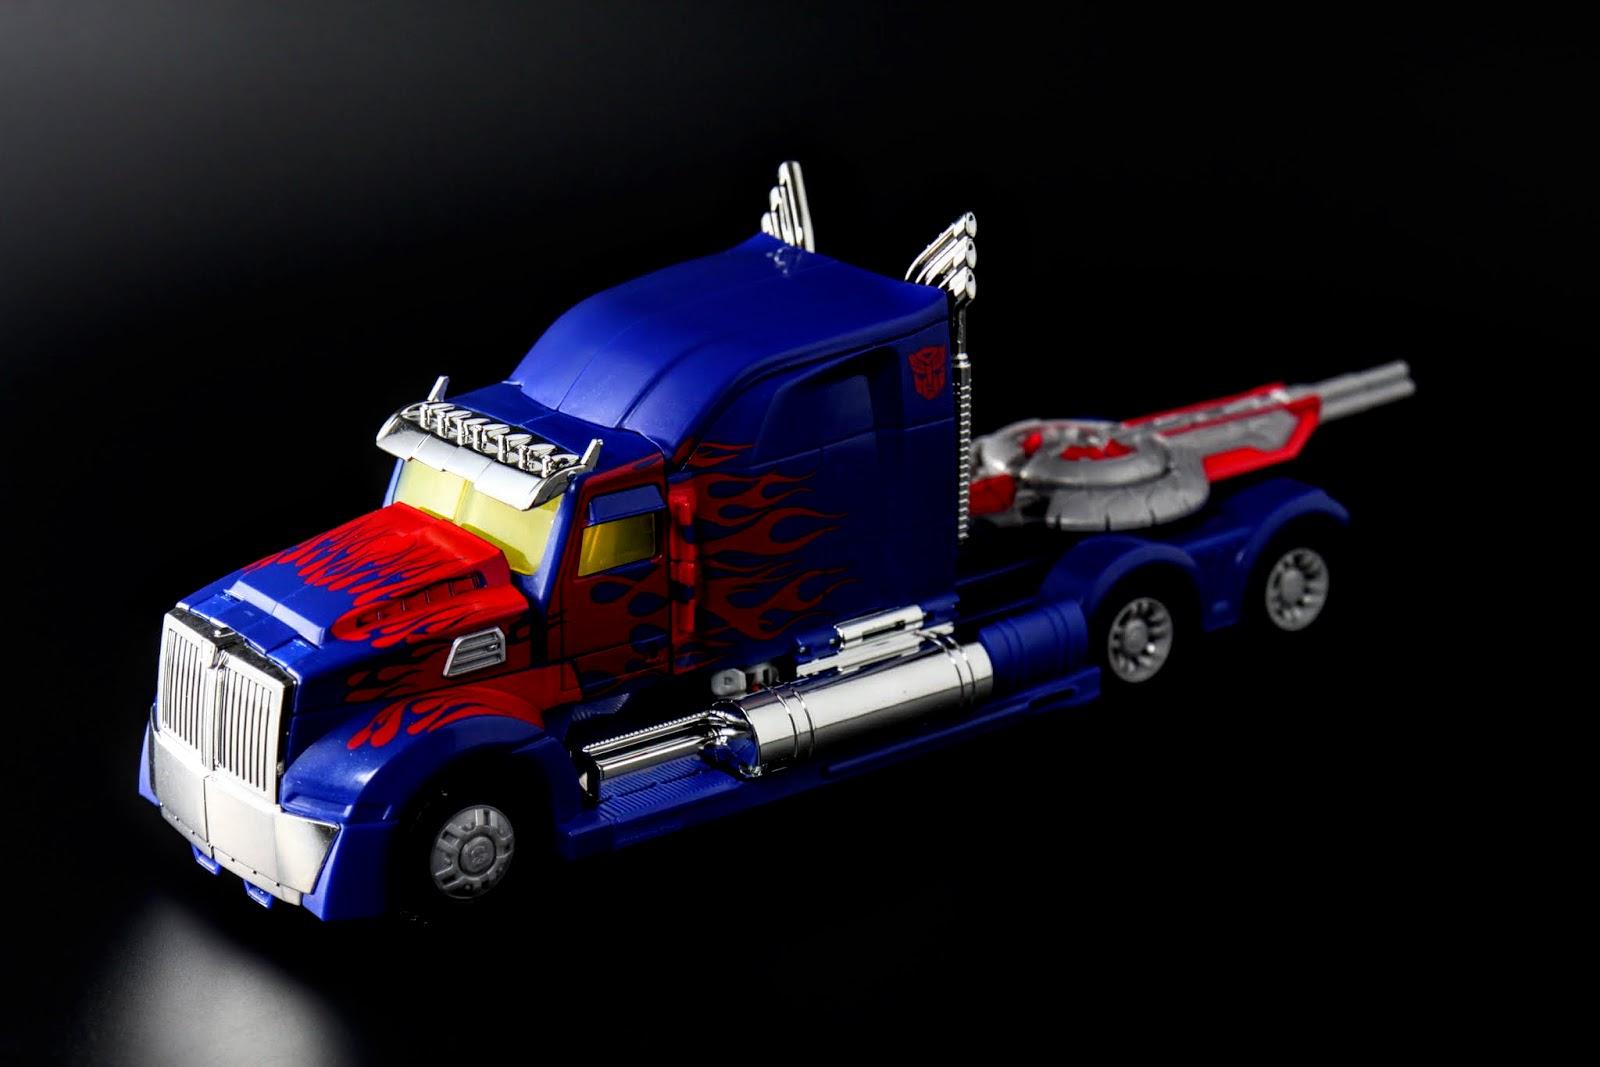 載具型態意外的完美,修改版的美版竟然也會有電鍍塗裝